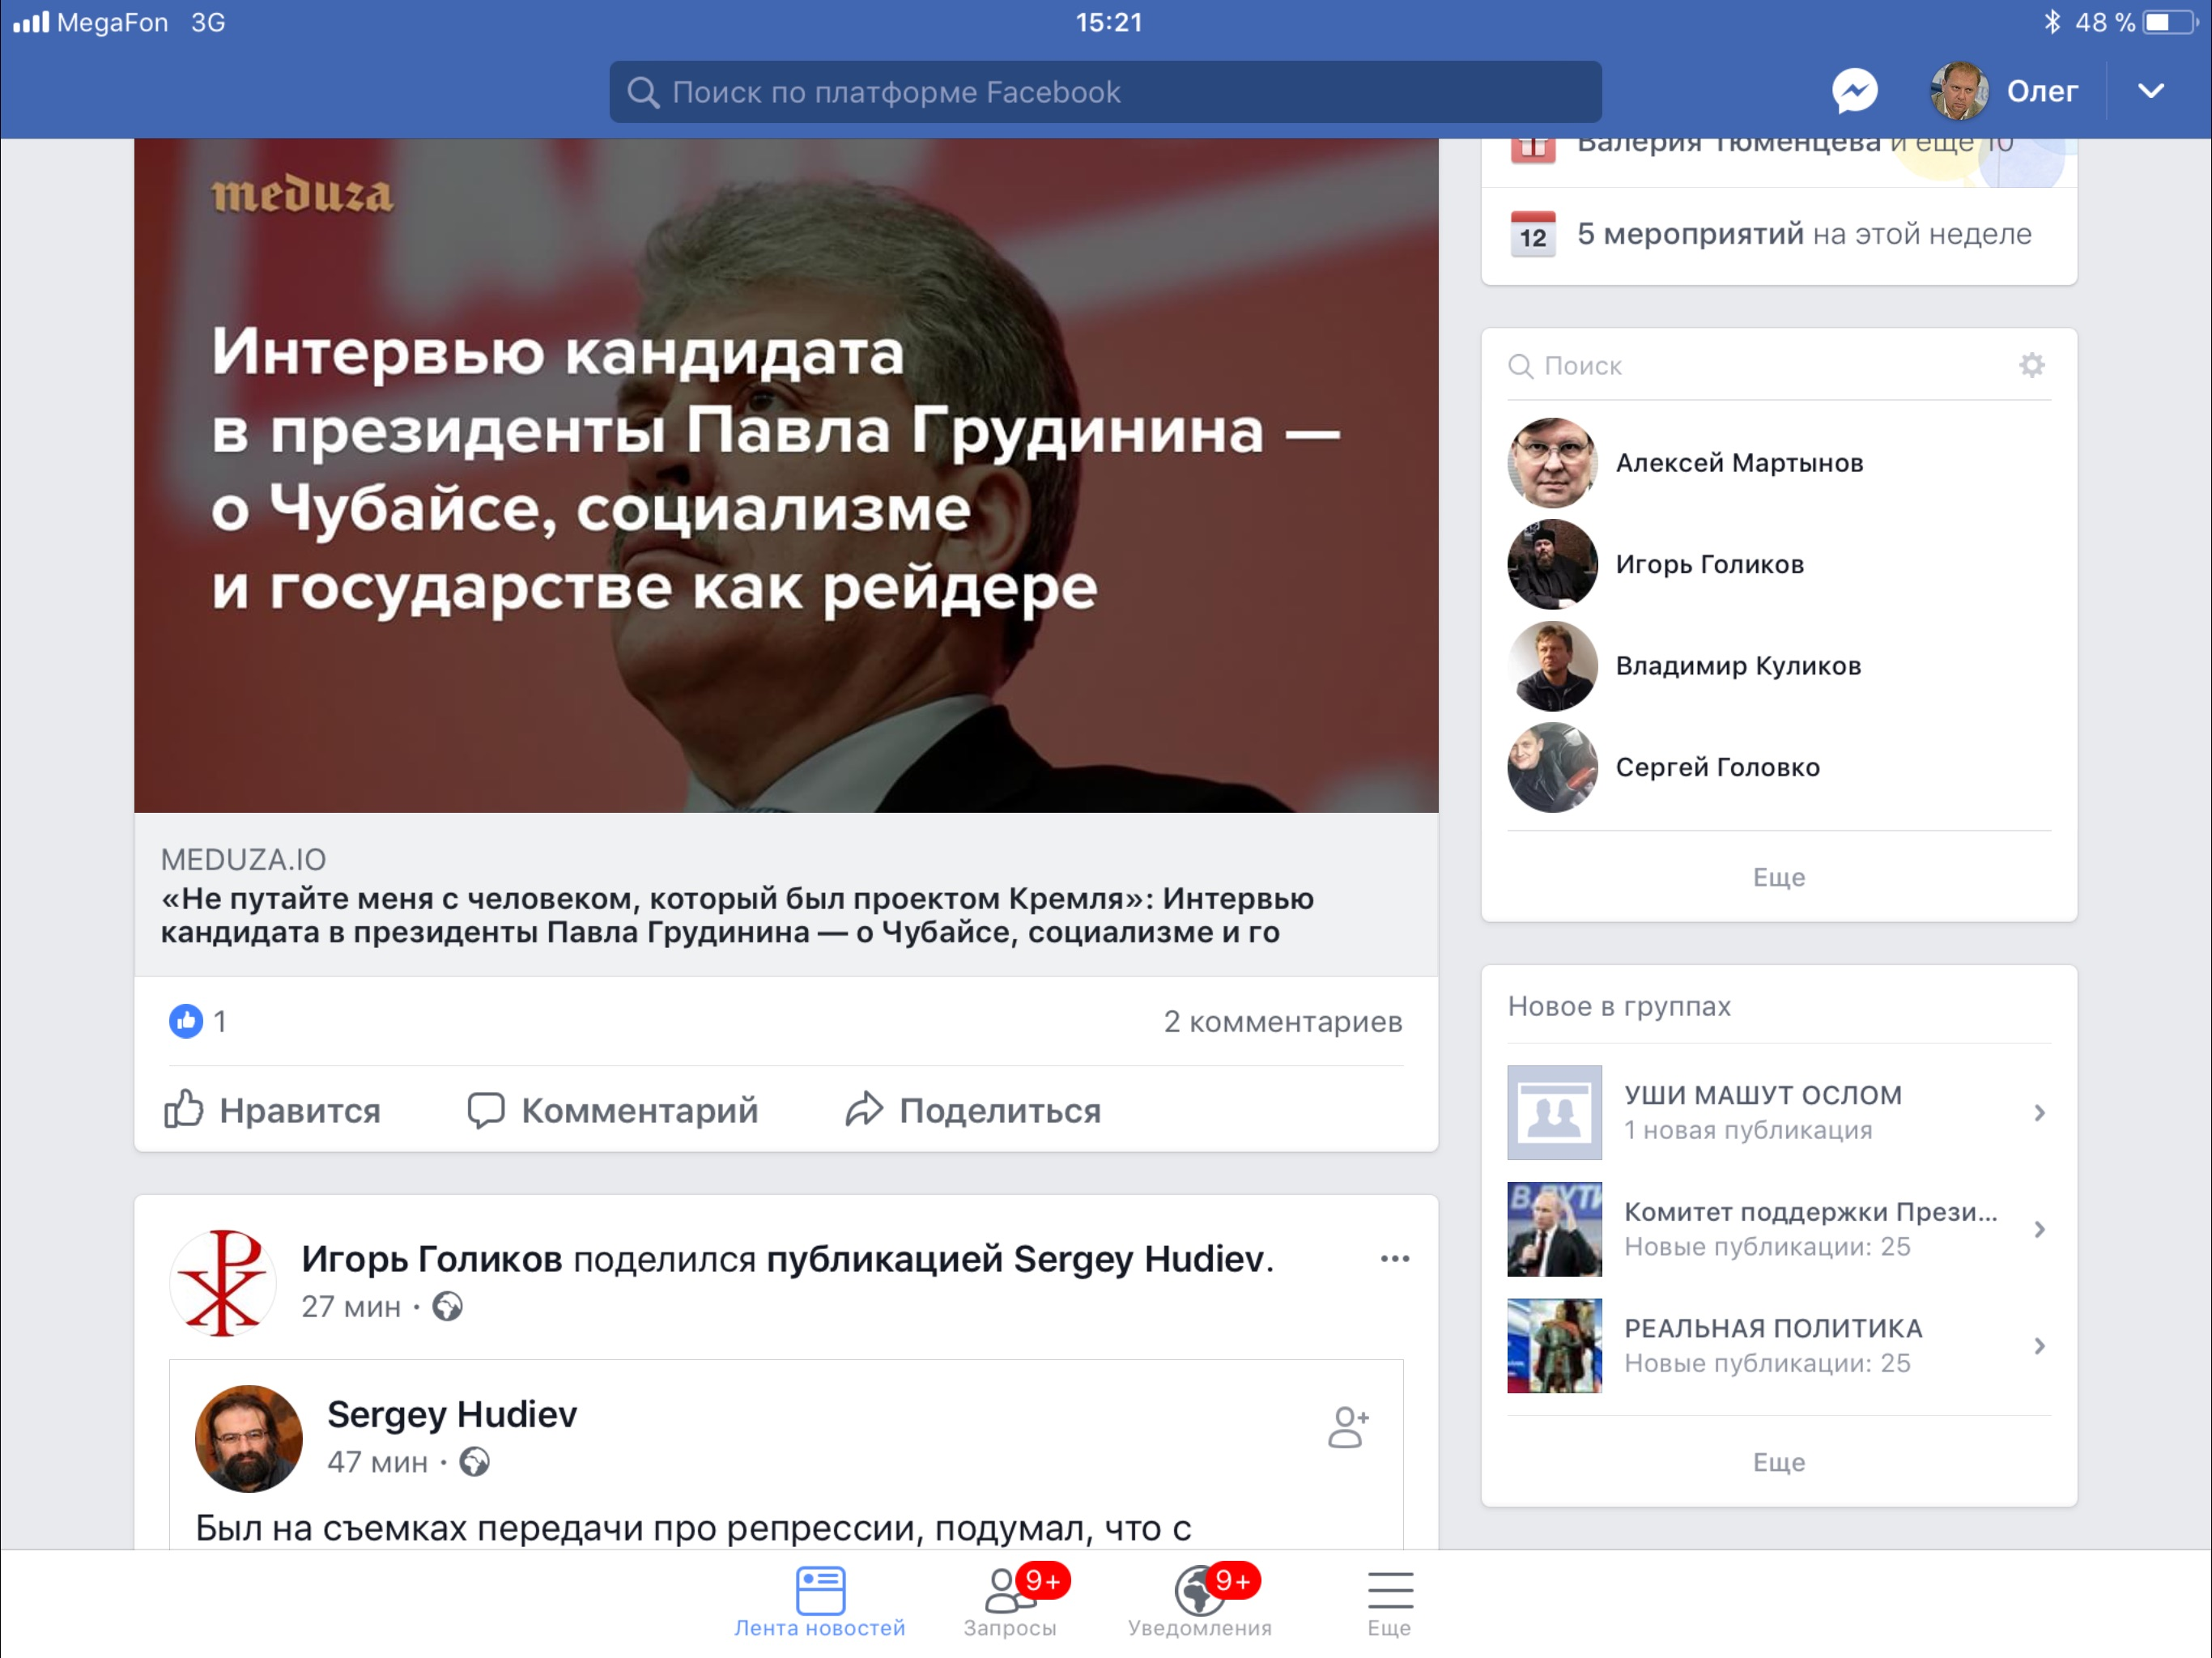 Грудинин теперь и на Медузе Ходорковского. Кому-то ещё что-то не ясно?